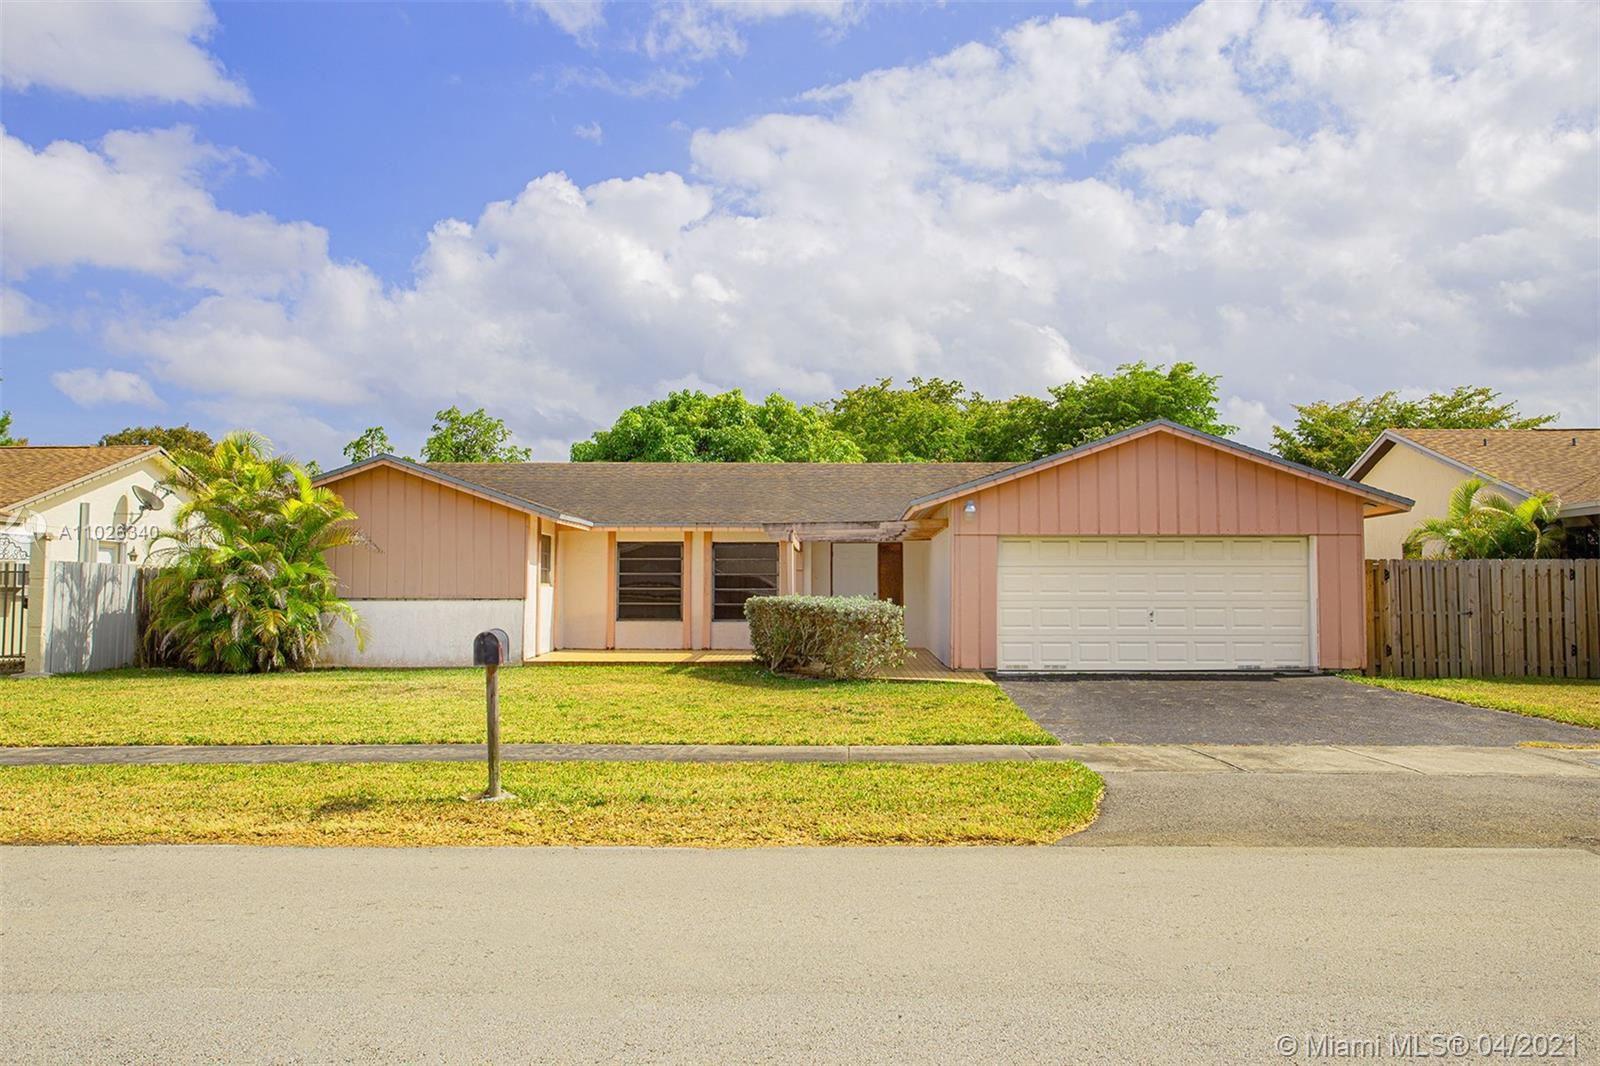 13750 SW 108th St, Miami, FL 33186 - #: A11026340